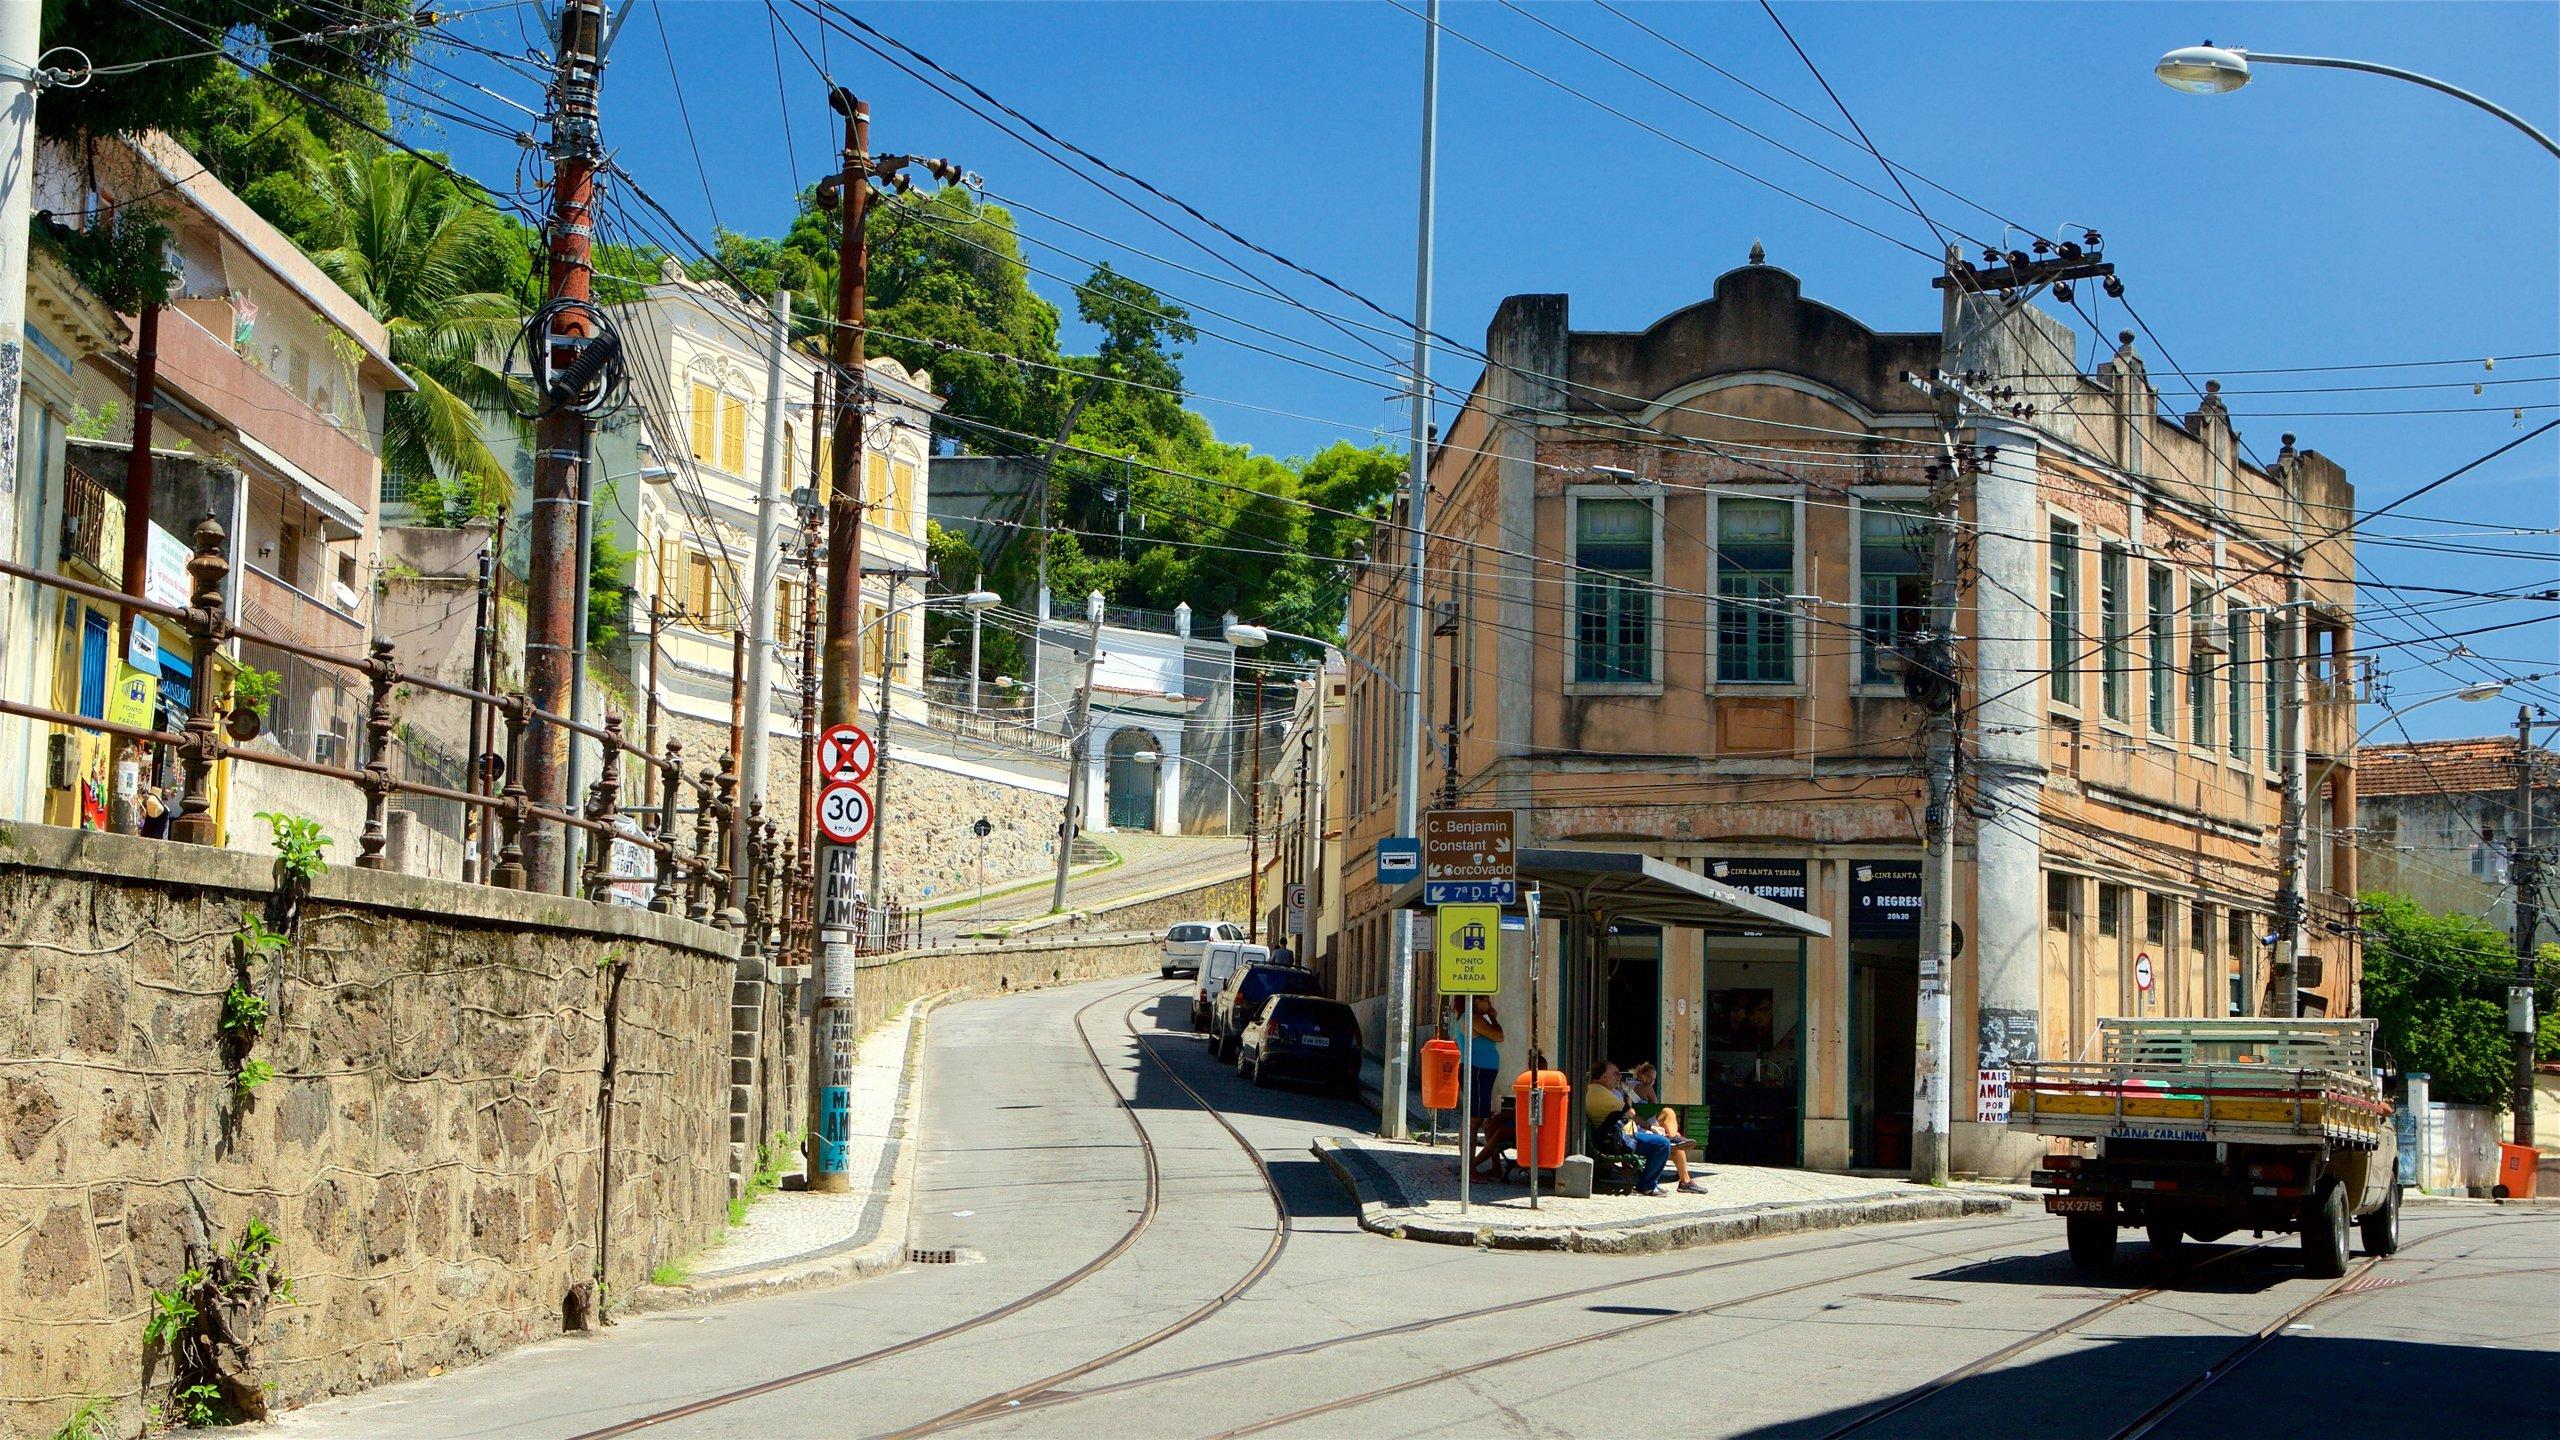 Santa Teresa, Rio de Janeiro, Rio de Janeiro State, Brazil